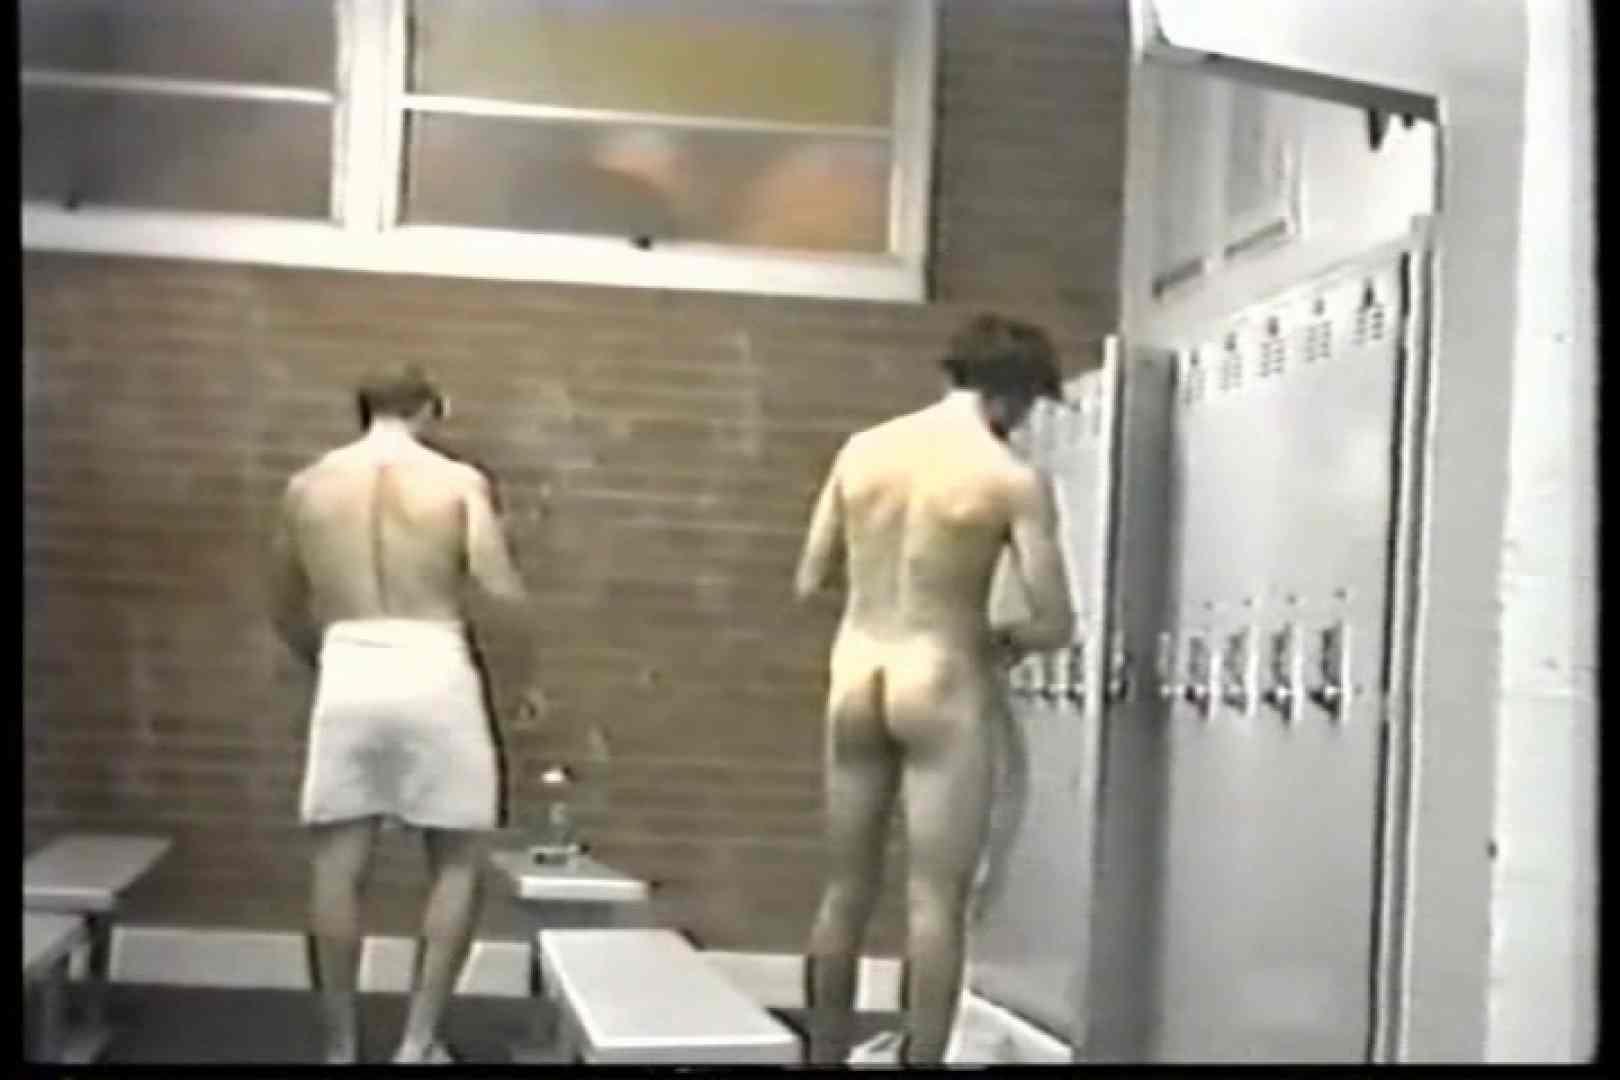 洋人さんの脱衣所を覗いてみました。VOL.5 ボーイズ覗き | ガチムチマッチョ系  80pic 5